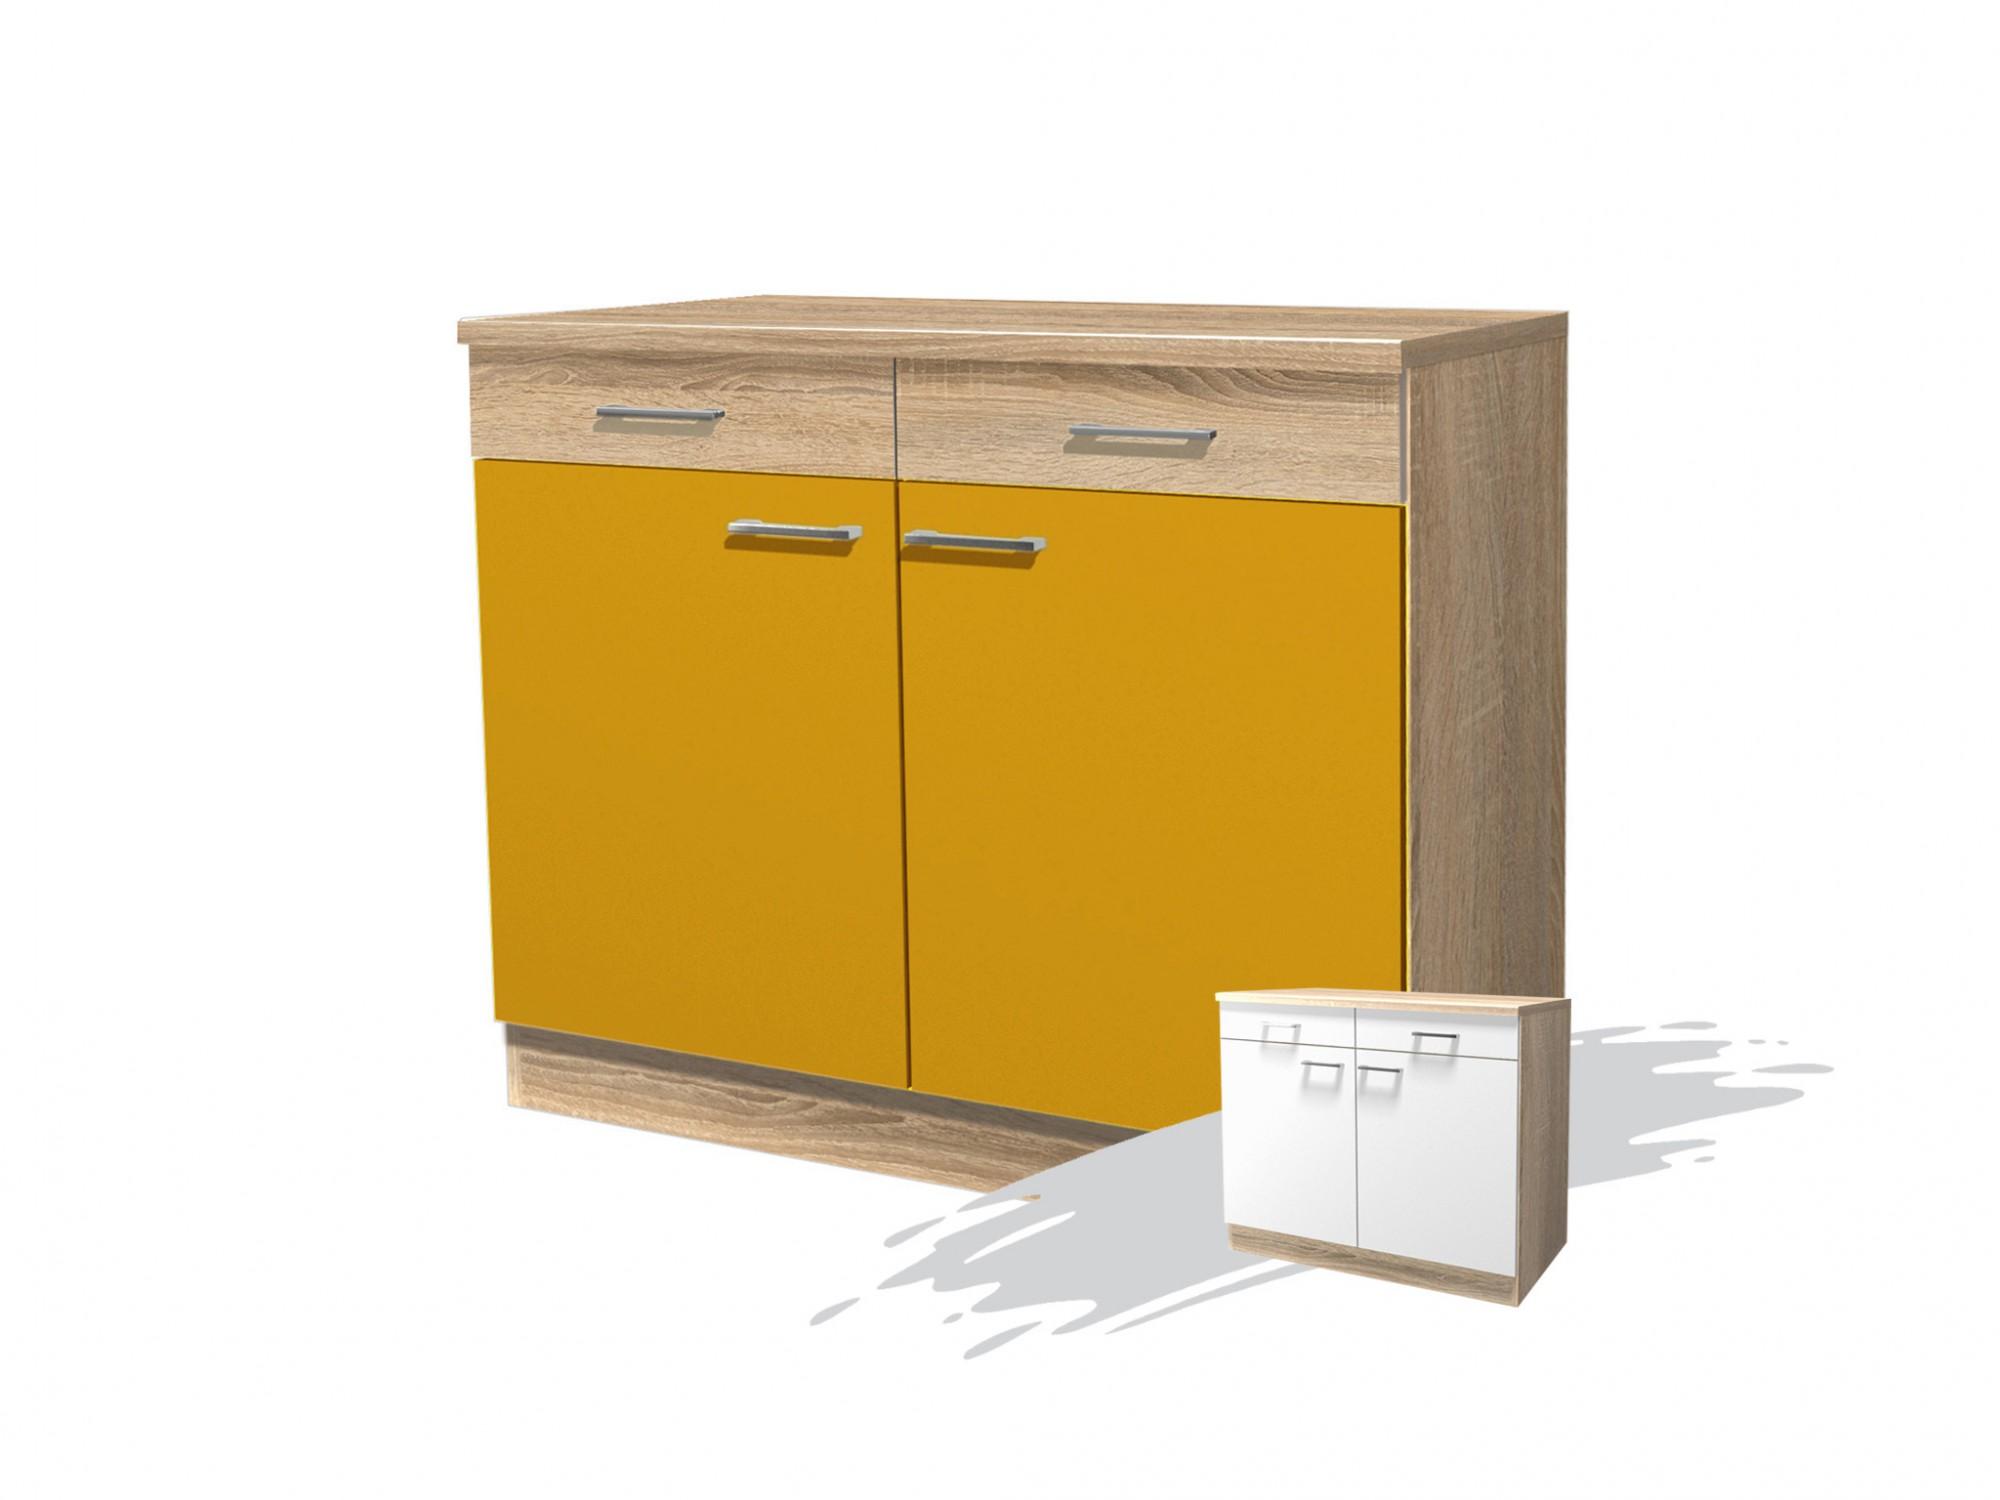 Küchen-Unterschrank ROM - 2-türig - 100 cm breit - Gelb Küche ROM